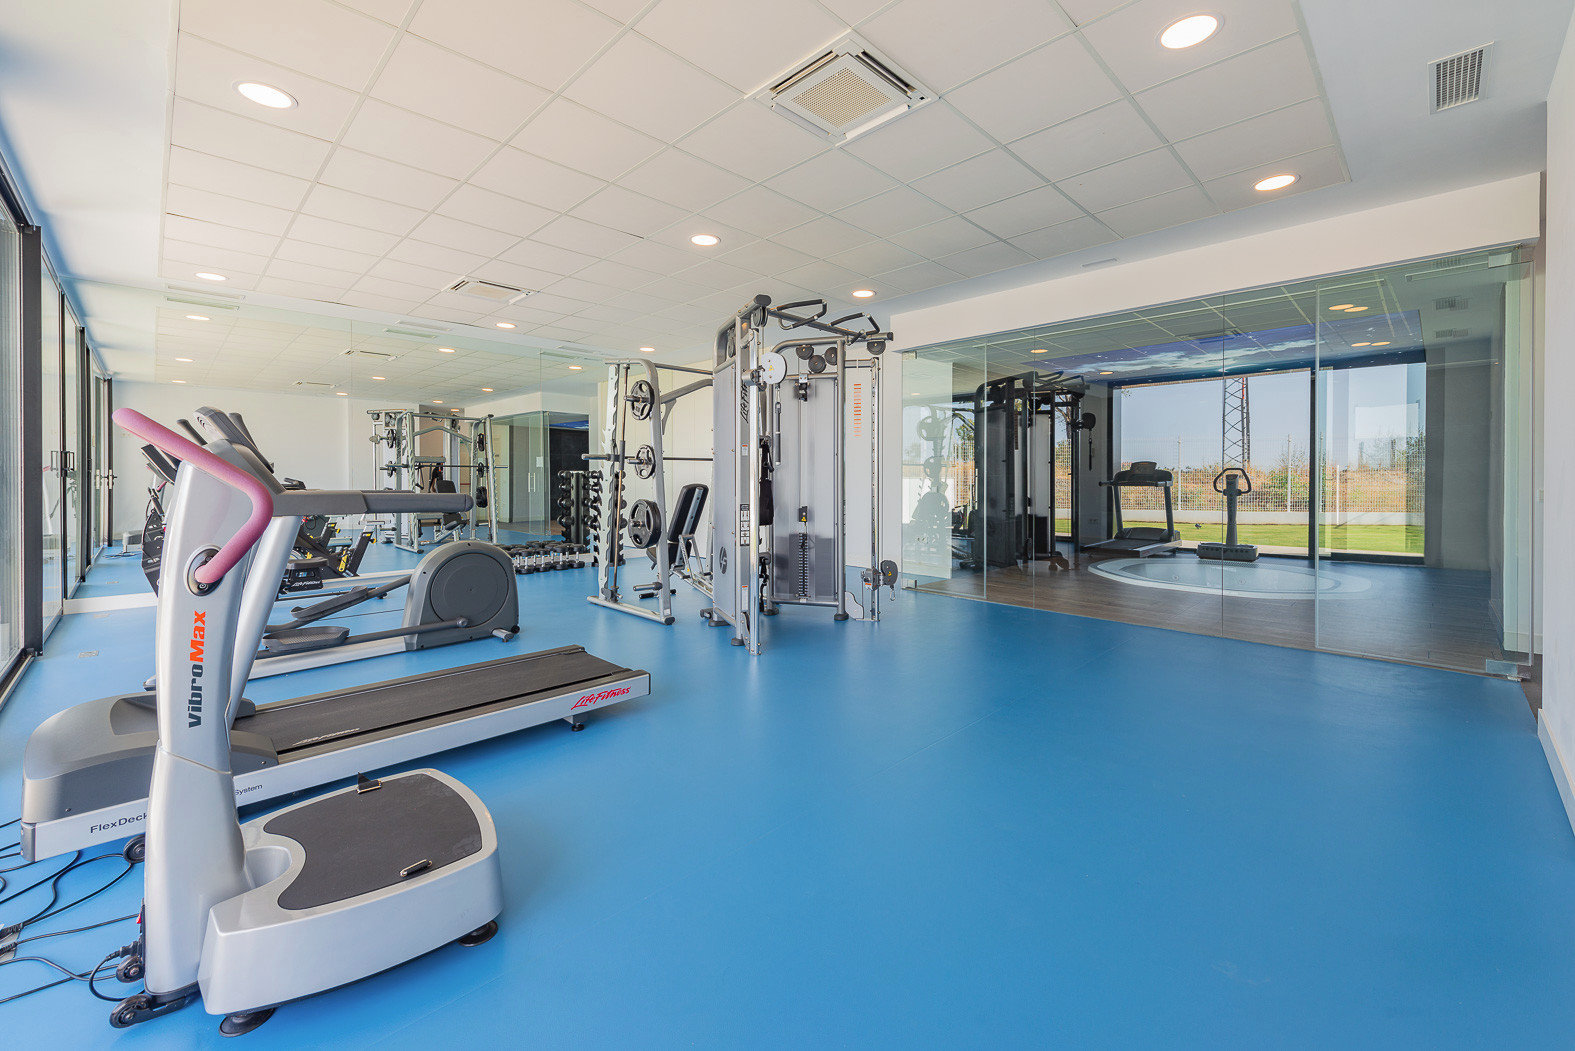 Privates Fitnessstudio